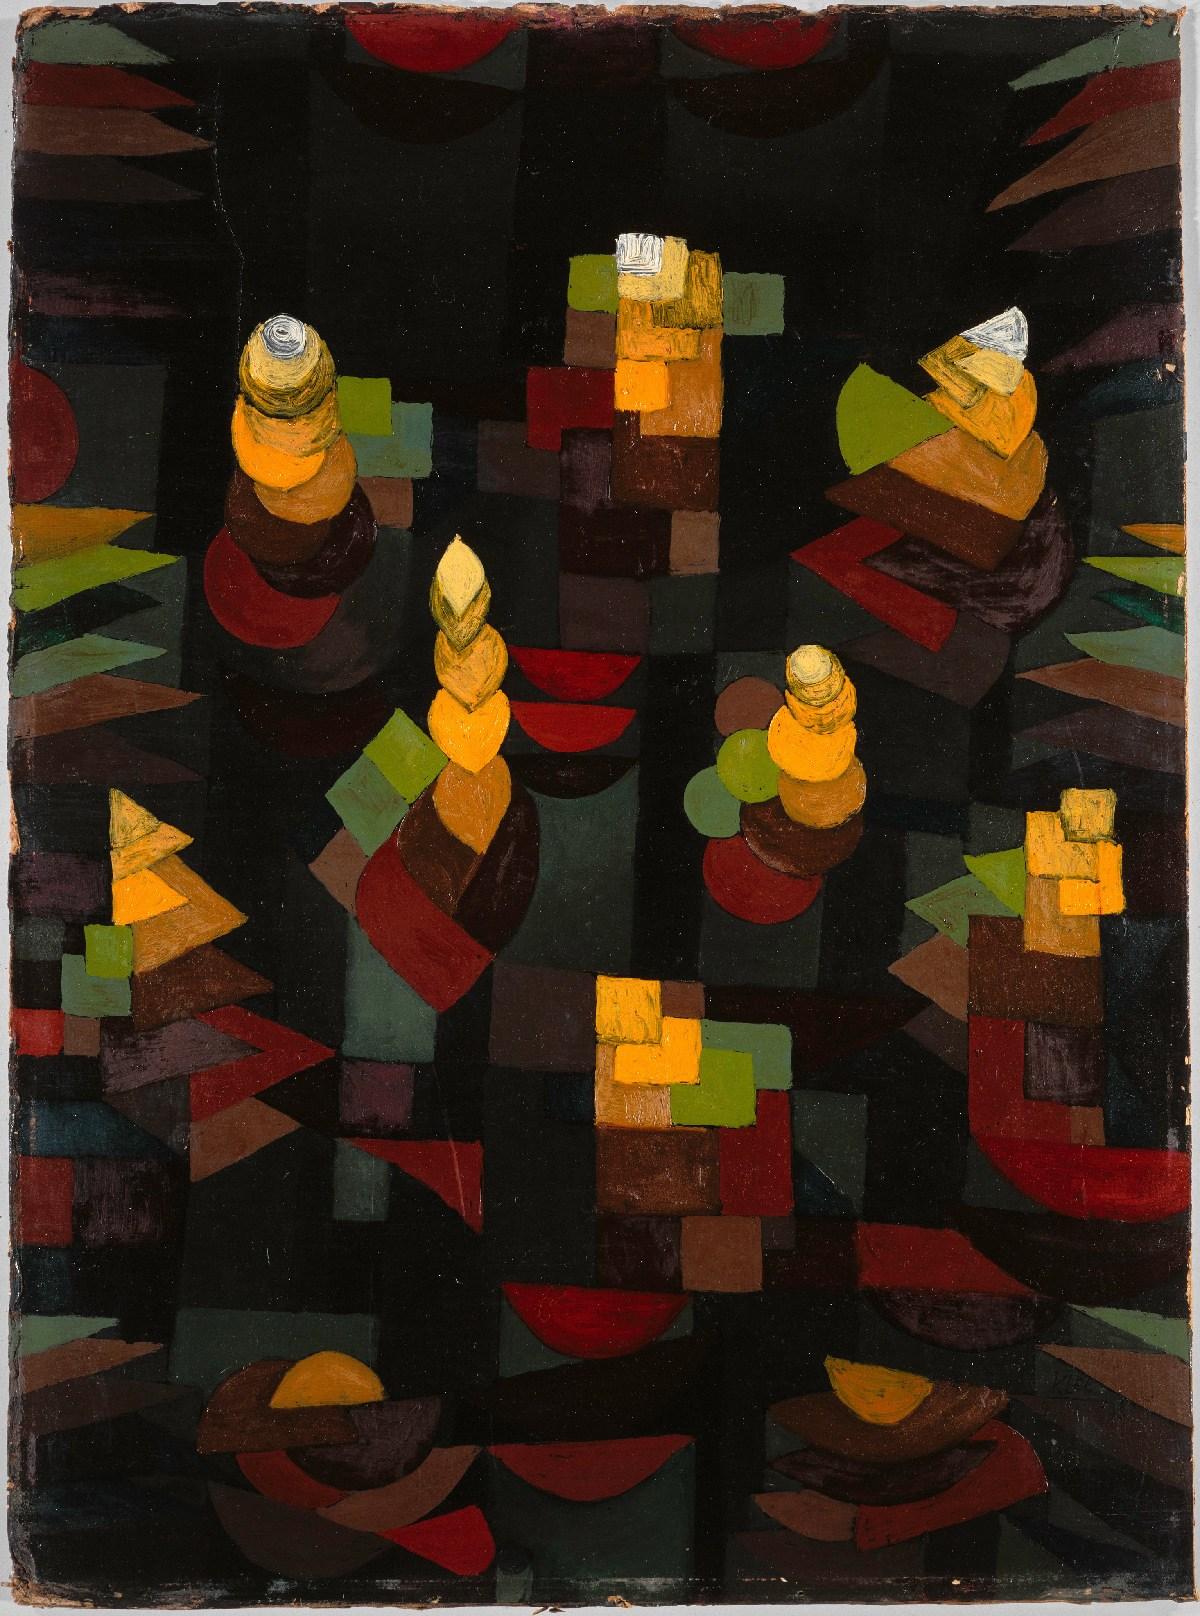 Paul-Klee-Croissance-Pflanzenwachstum-1921-Paris-Centre-Pompidou-Musée-national-dart-moderne-Copyright-Service-documentation-photographique-MNAM-Centre-Pompidou-MNAM-CCI-Dist.-RM-Copyright-DR